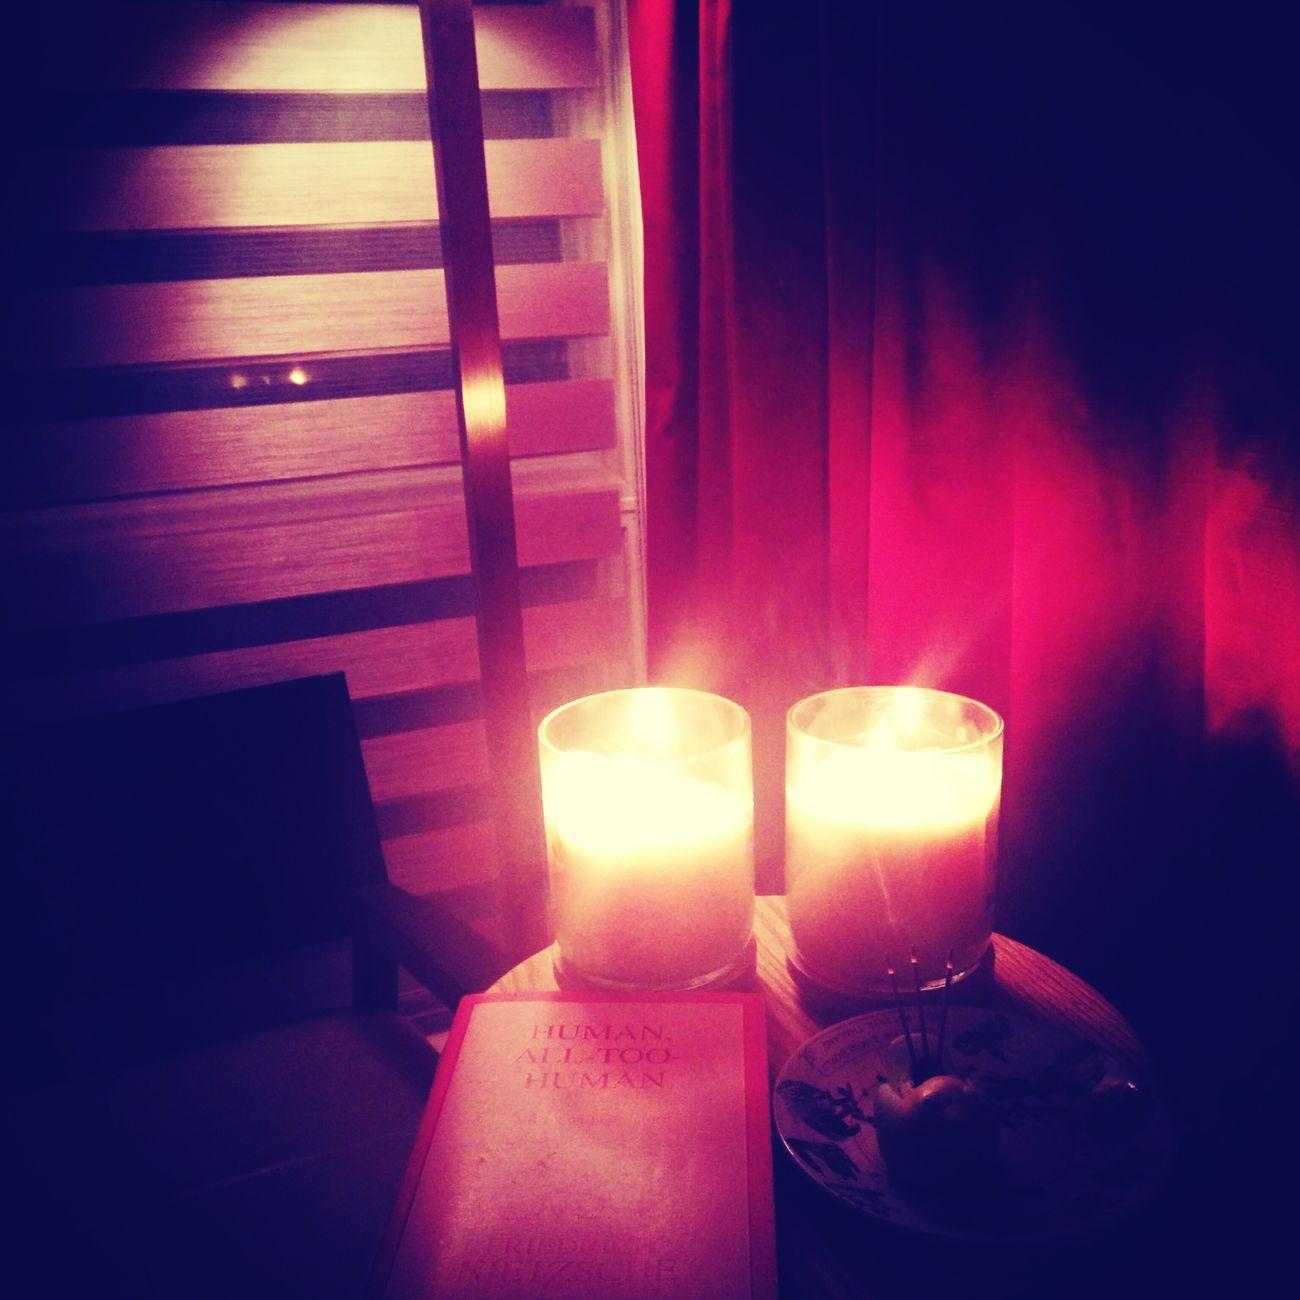 FriedrichNietzsche Nietzsche Philosophy TBT  Thursday Thursdaynight Toronto Home Sweet Home Night Lights Reading